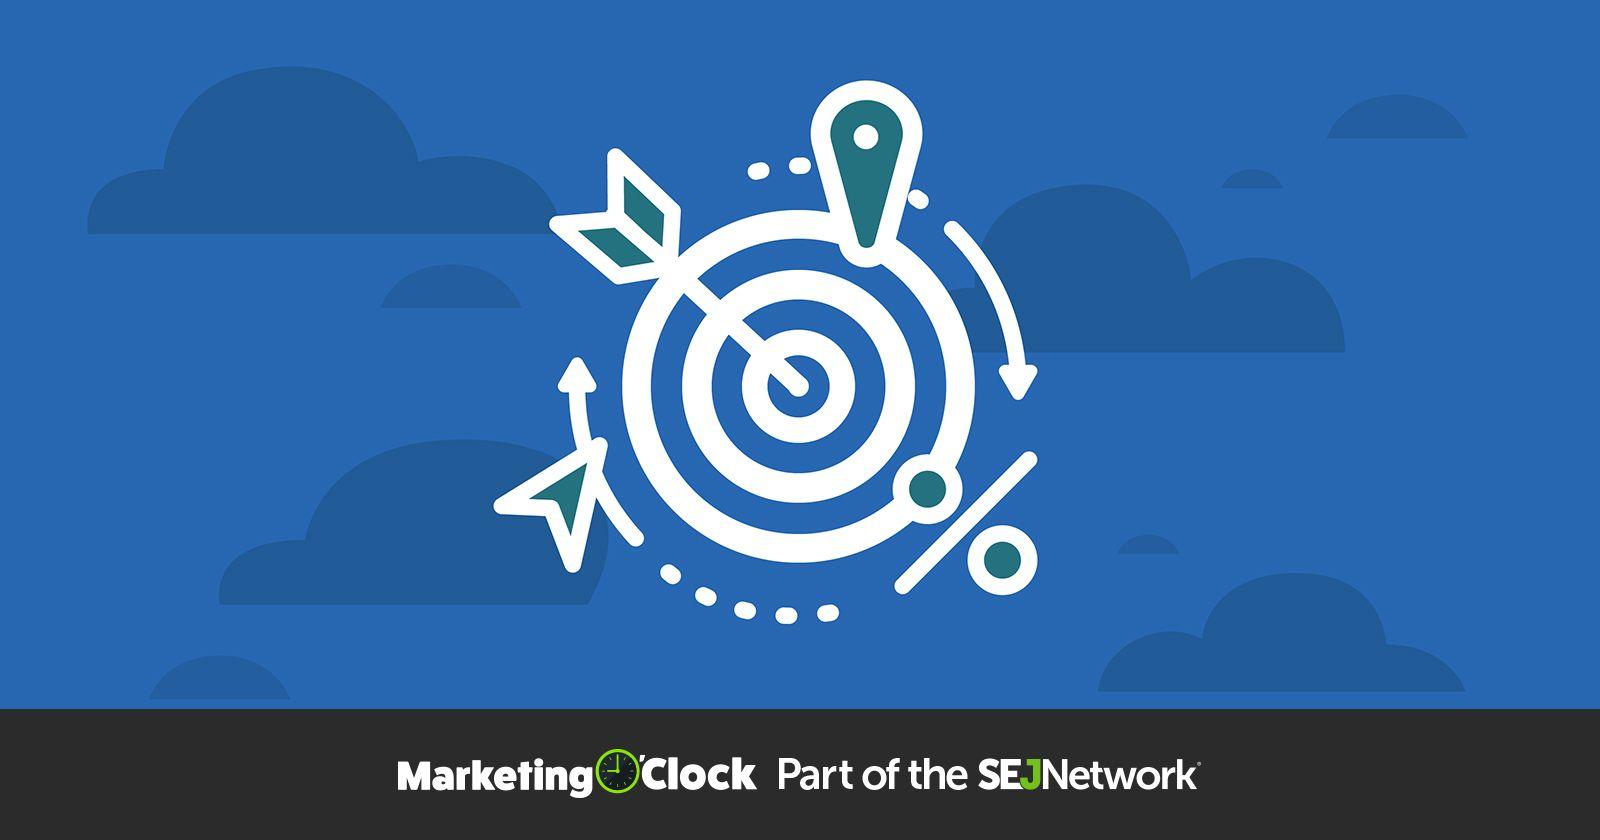 LinkedIn ra mắt tin tức về sự tham gia và tiếp thị kỹ thuật số cho chương trình này 10